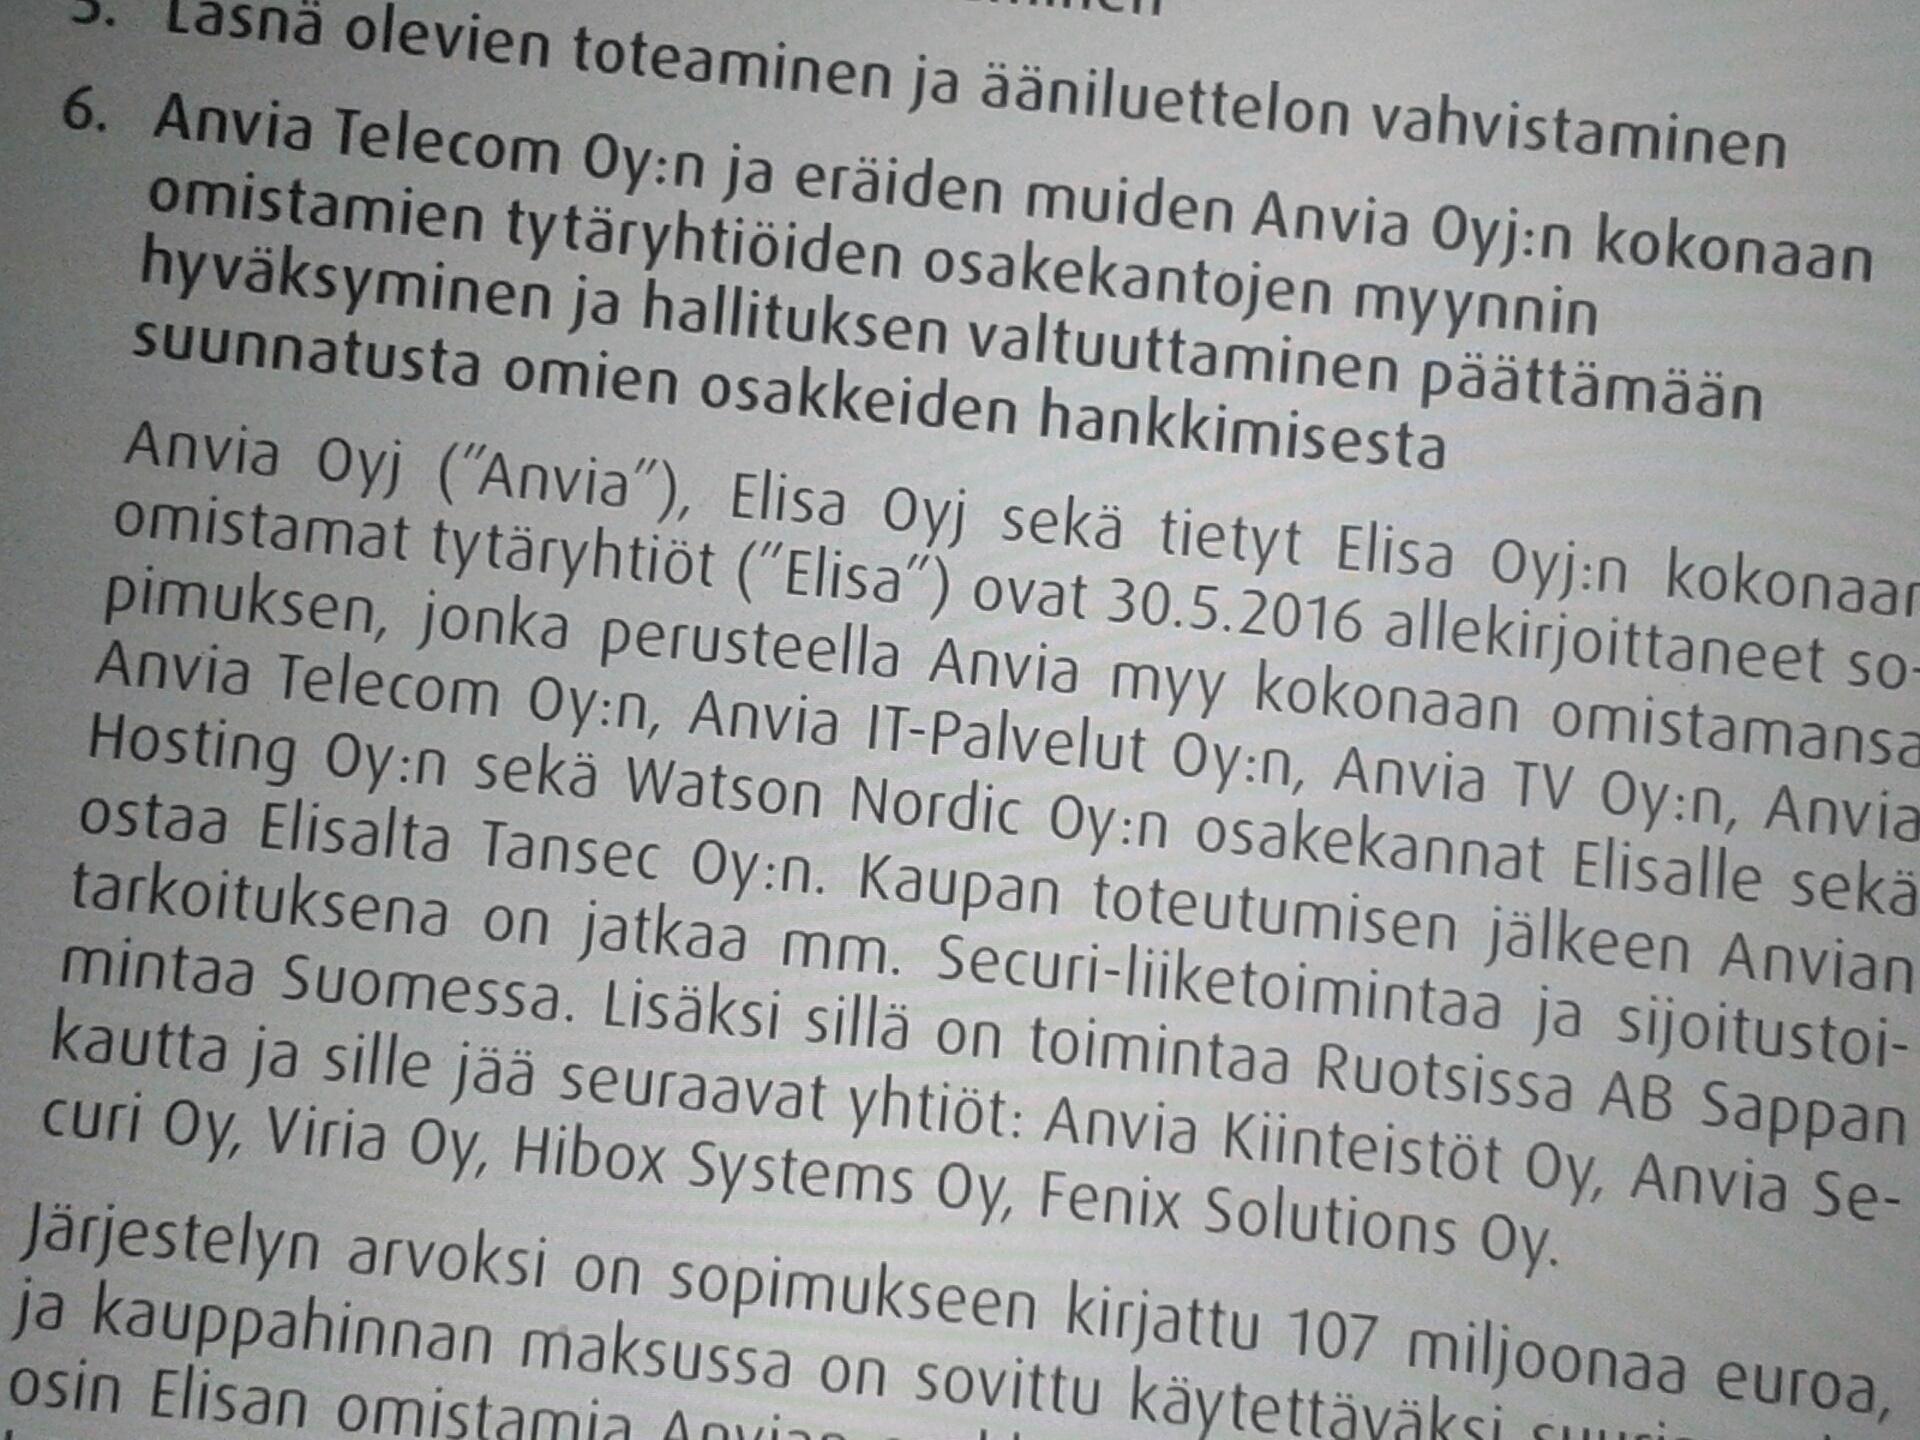 Anvias extra bolagsstämma har godkänt företagsarrangemanget mellan Elisa och Anvia